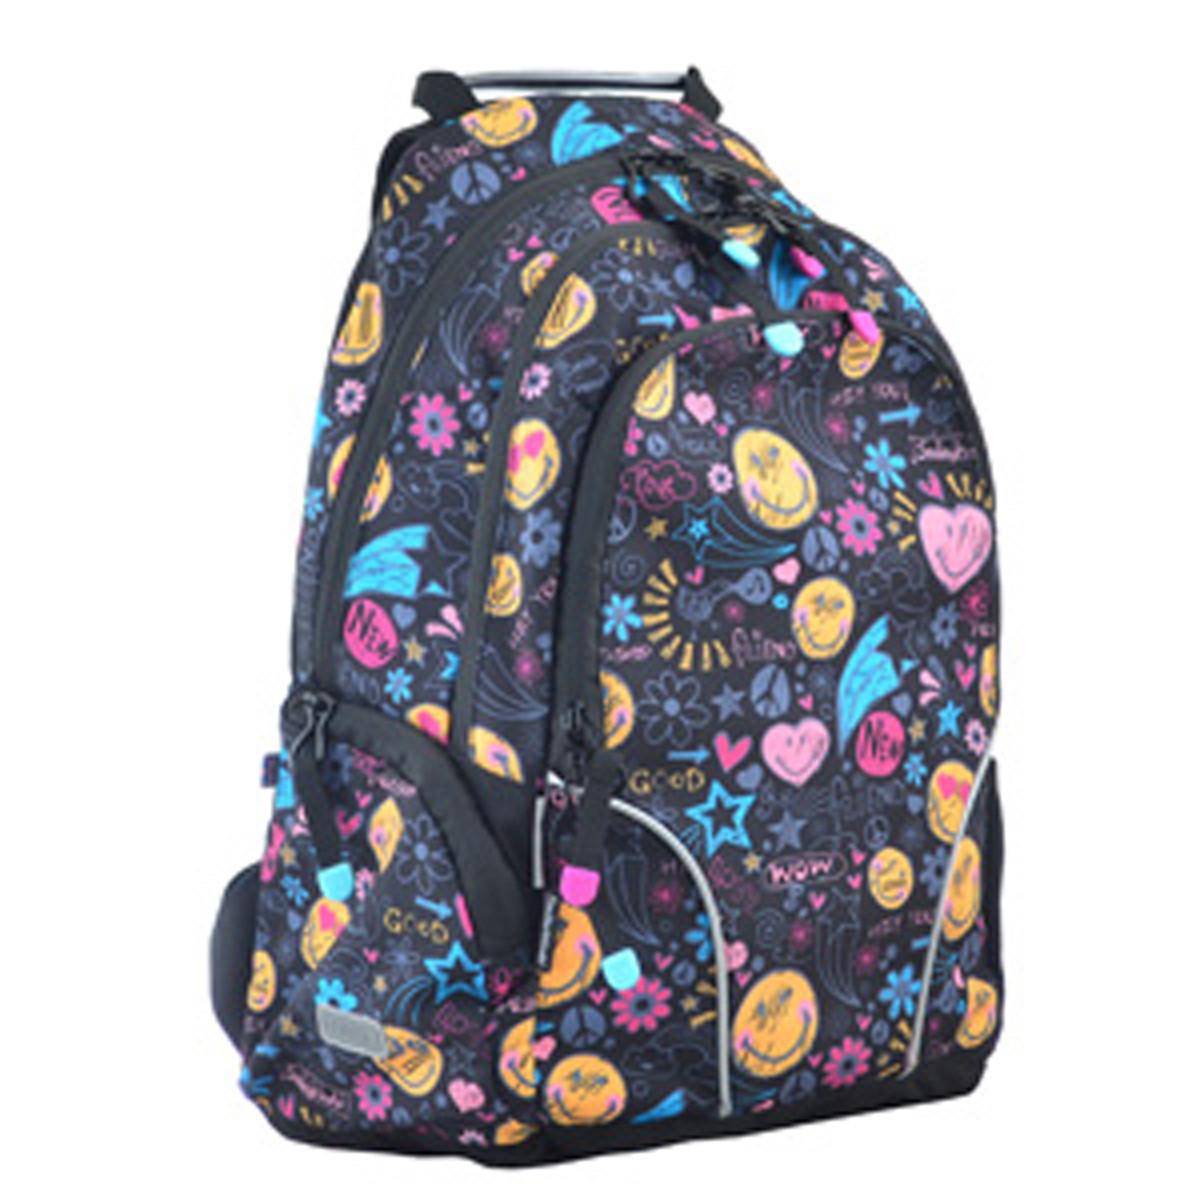 Рюкзак молодежный YES T-26 WOW, 45*30*14 554784